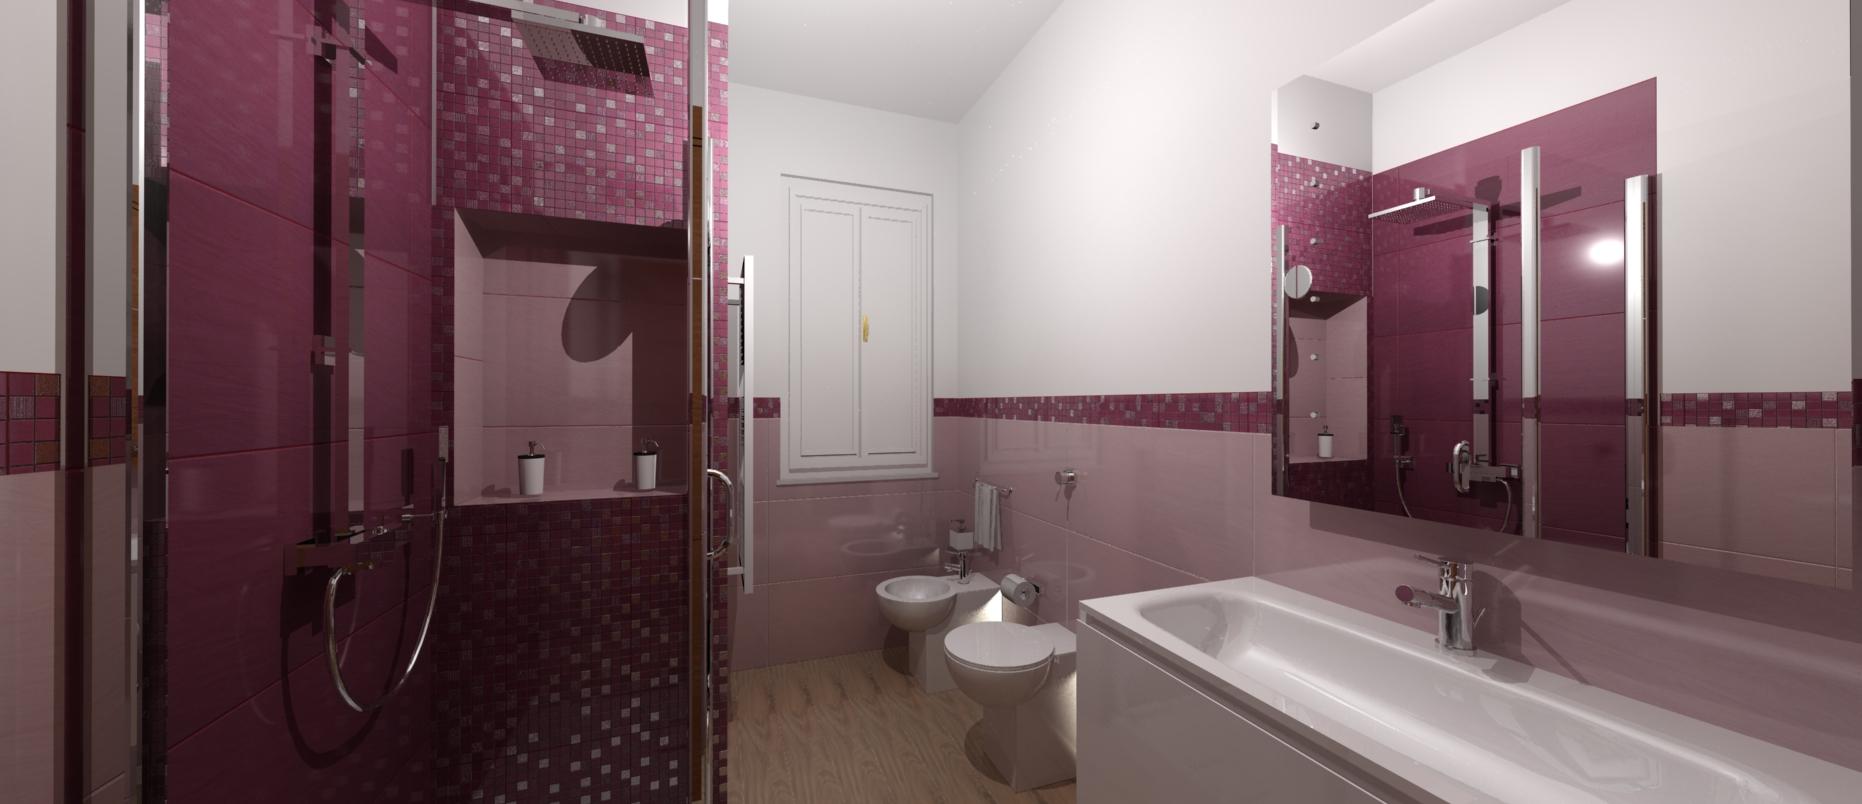 Come ristrutturare il bagno con un rivestimento in offerta ...